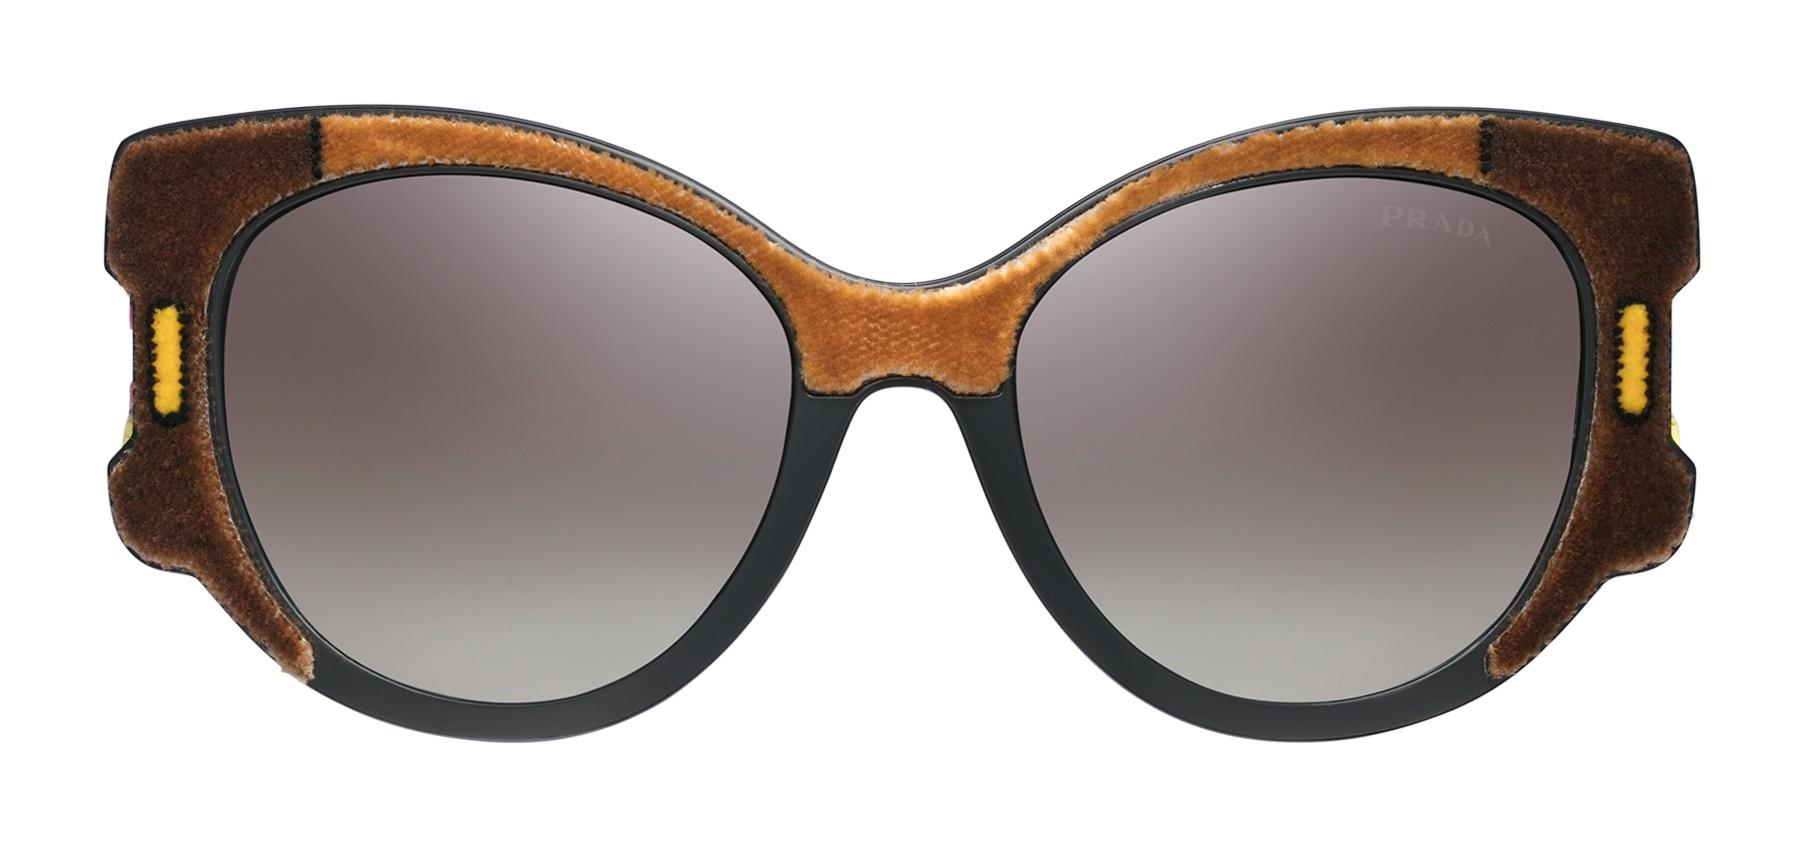 720330dd4f Prada - Prada Tapestry - Camel Velvet Cat Eye Sunglasses - Prada Tapestry  Collection - Sunglasses - Prada Eyewear